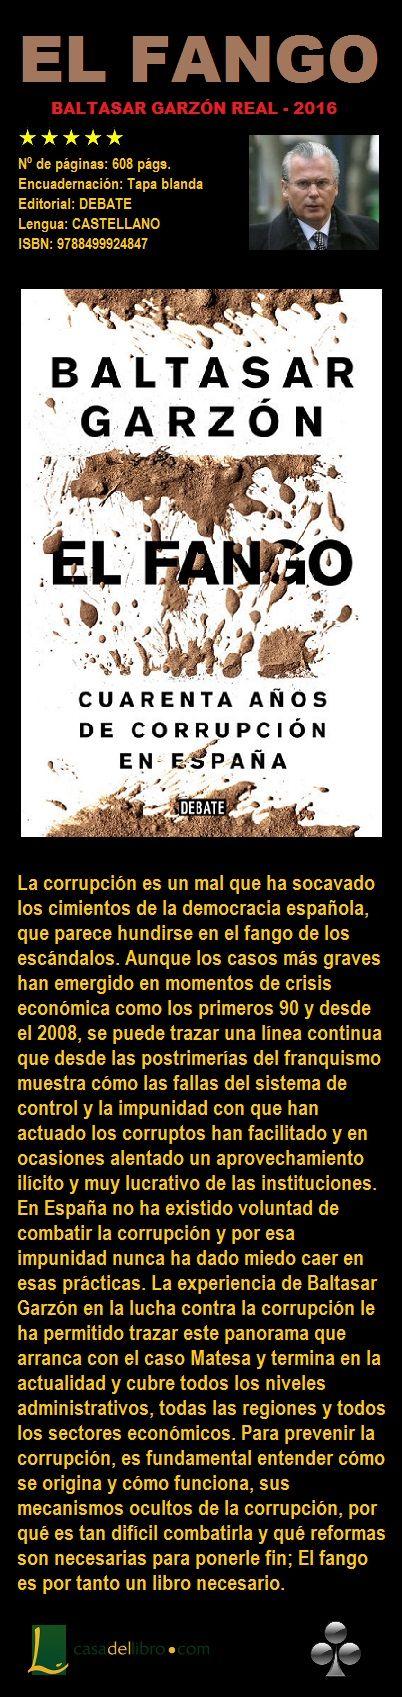 EL FANGO. Autor; Baltasar Garzón Real. Cuarenta años de corrupción en España. 2016. ISBN: 9788499924847